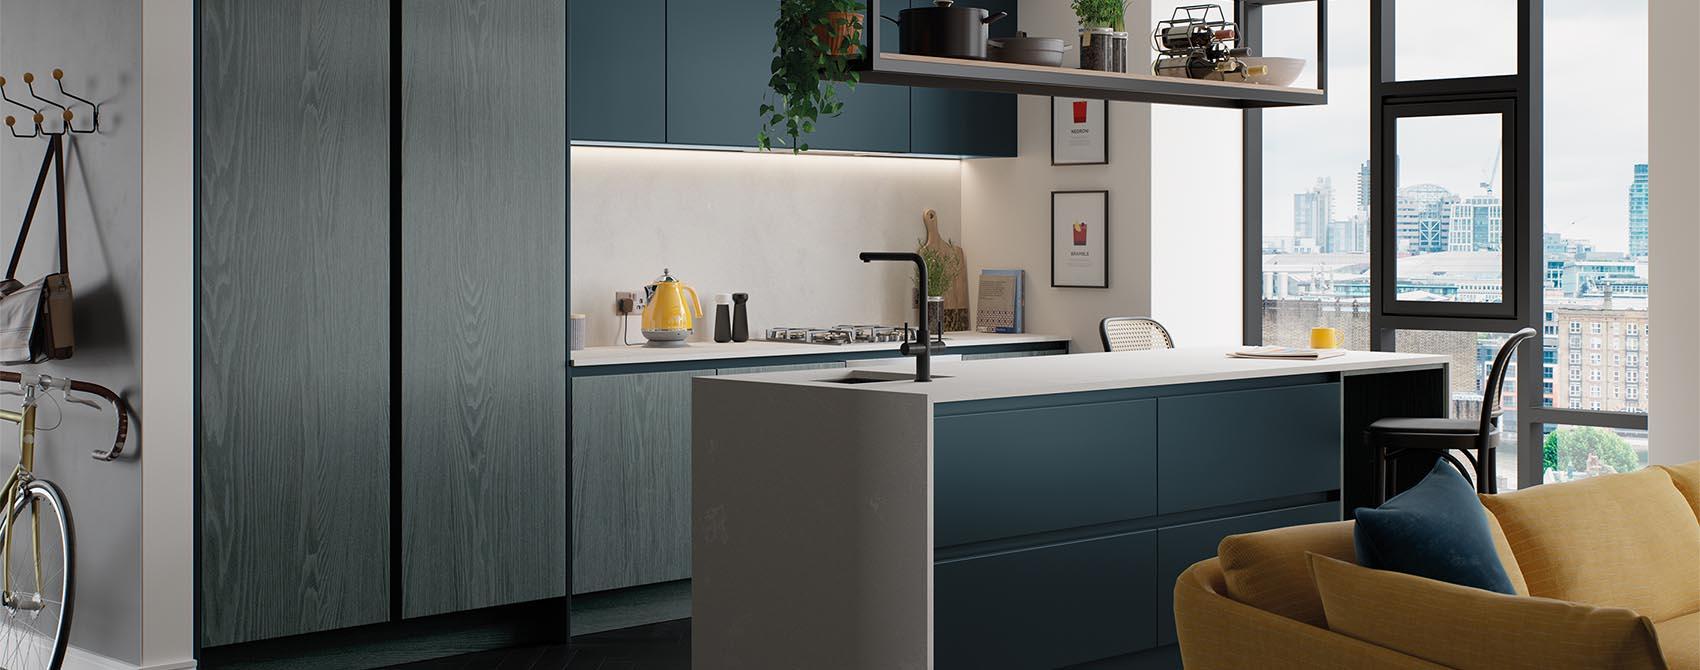 Danish Design Ideas